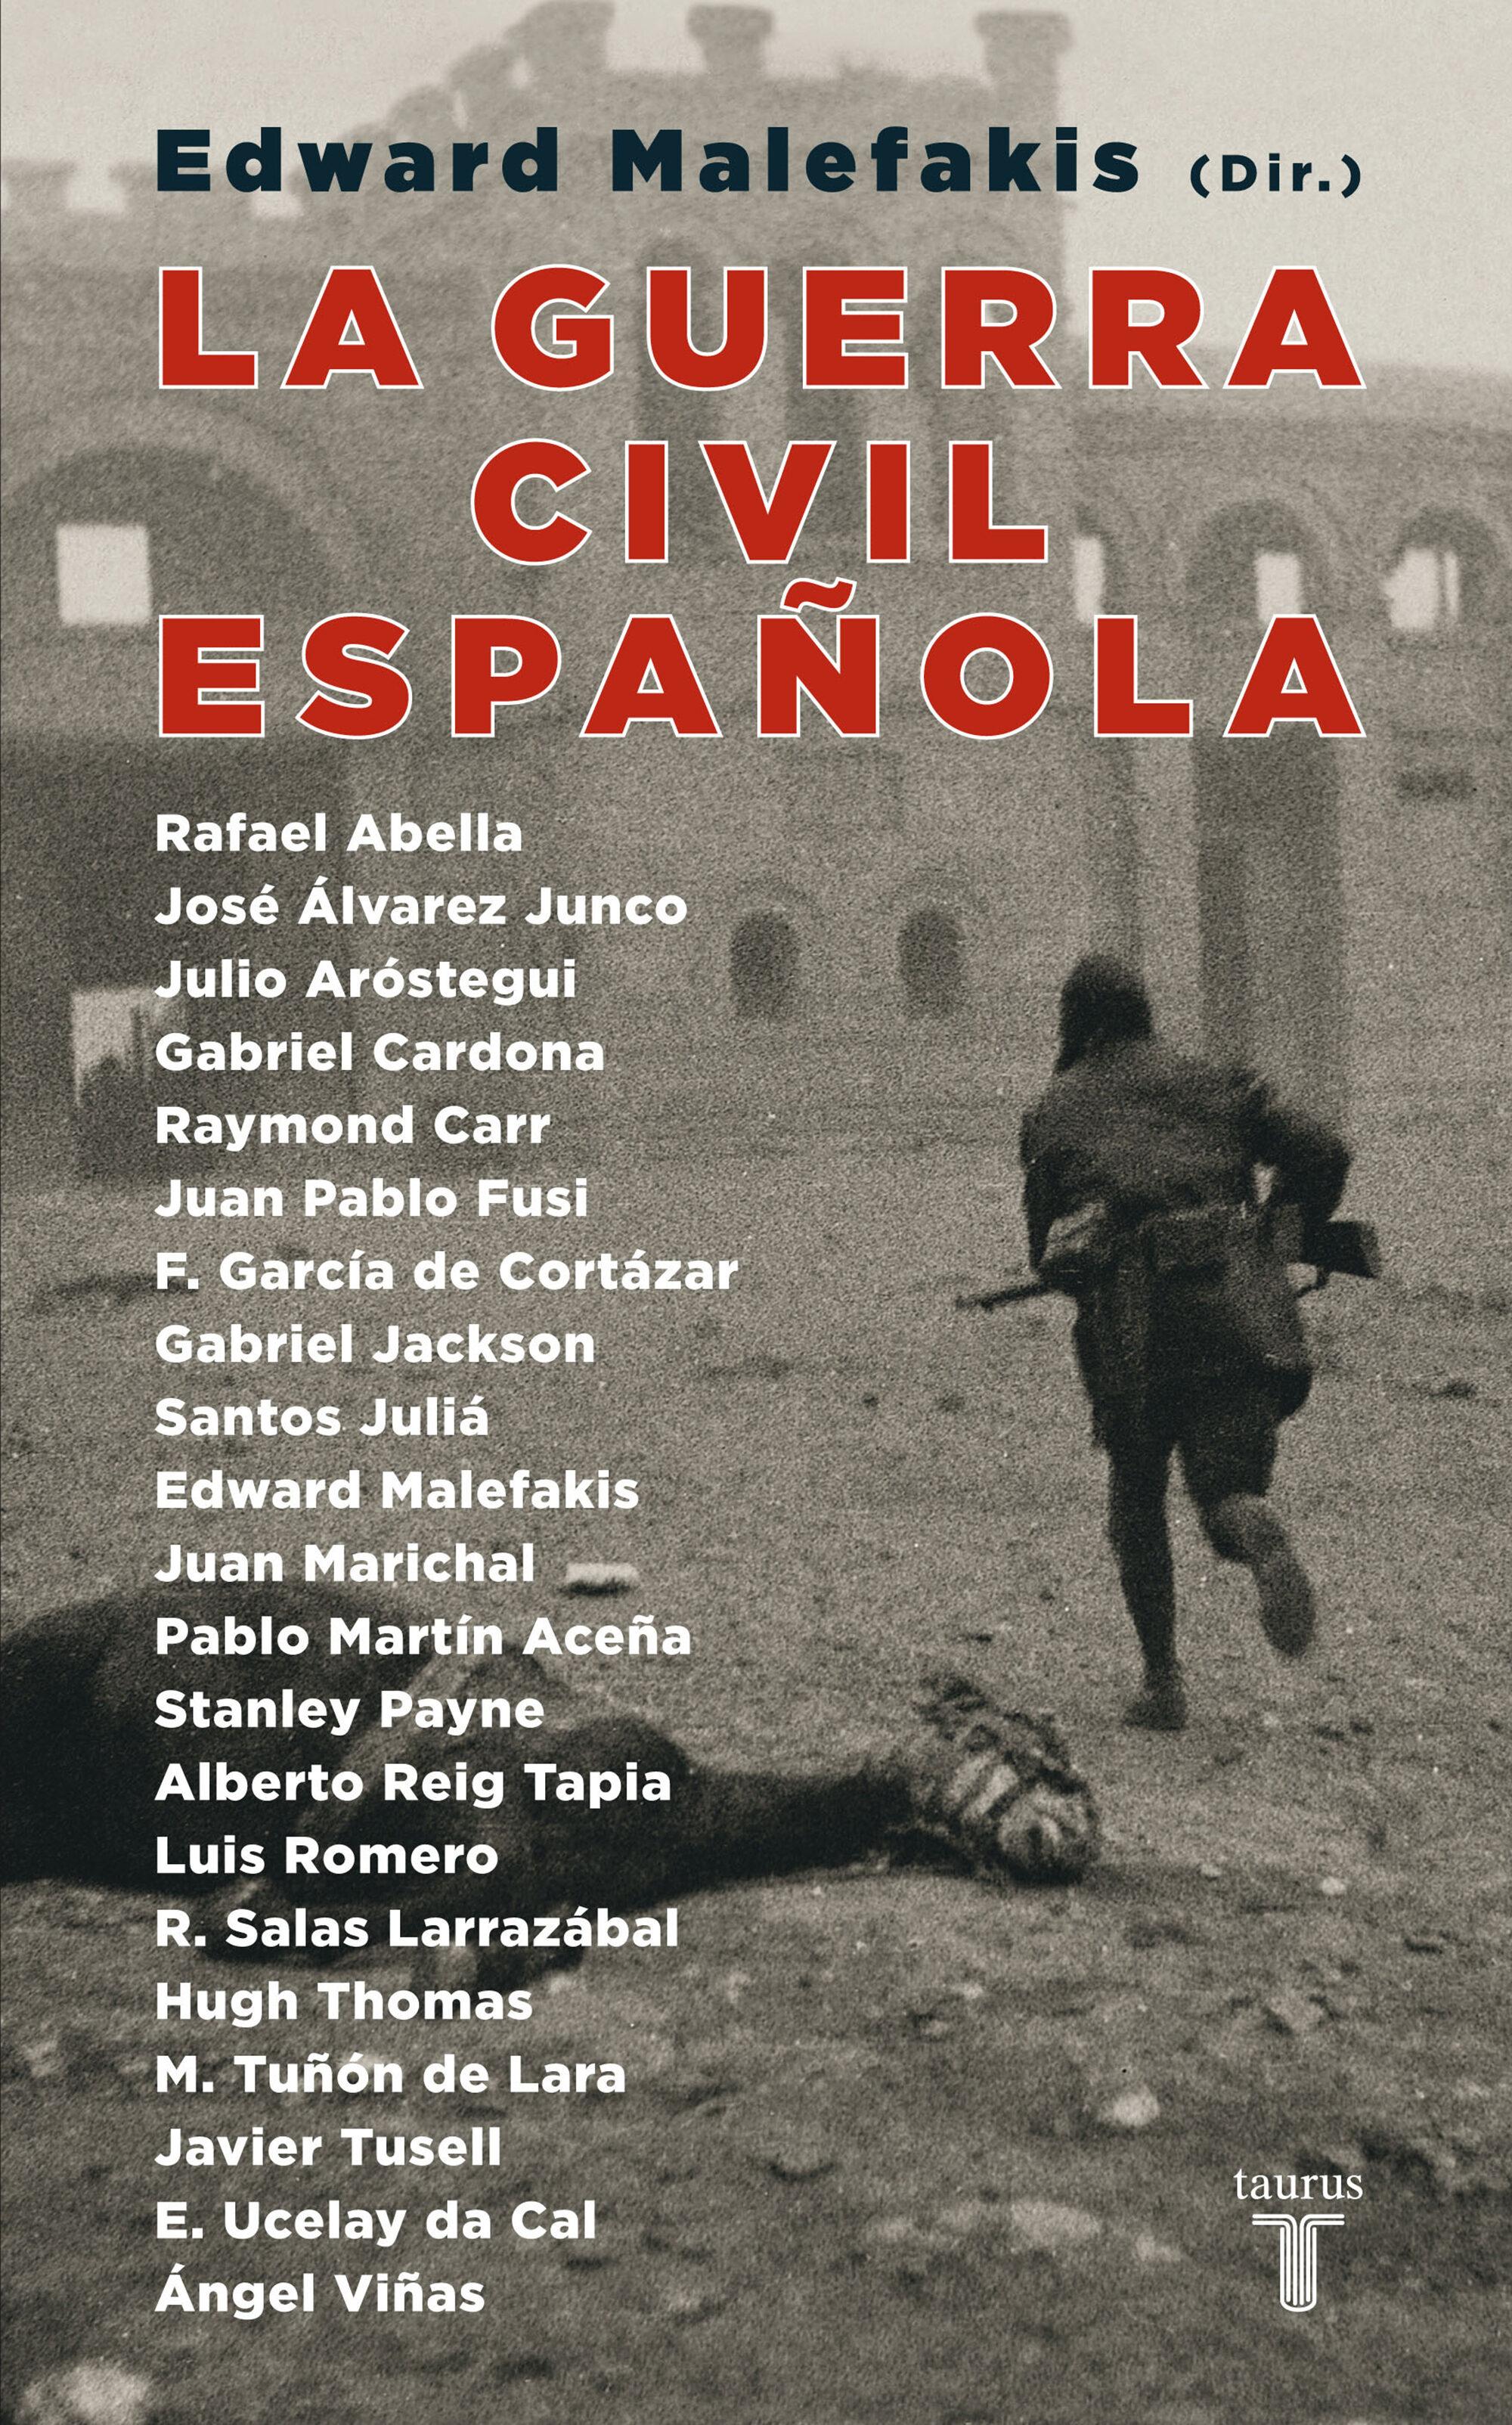 La Guerra Civil Española por Edward Malefakis